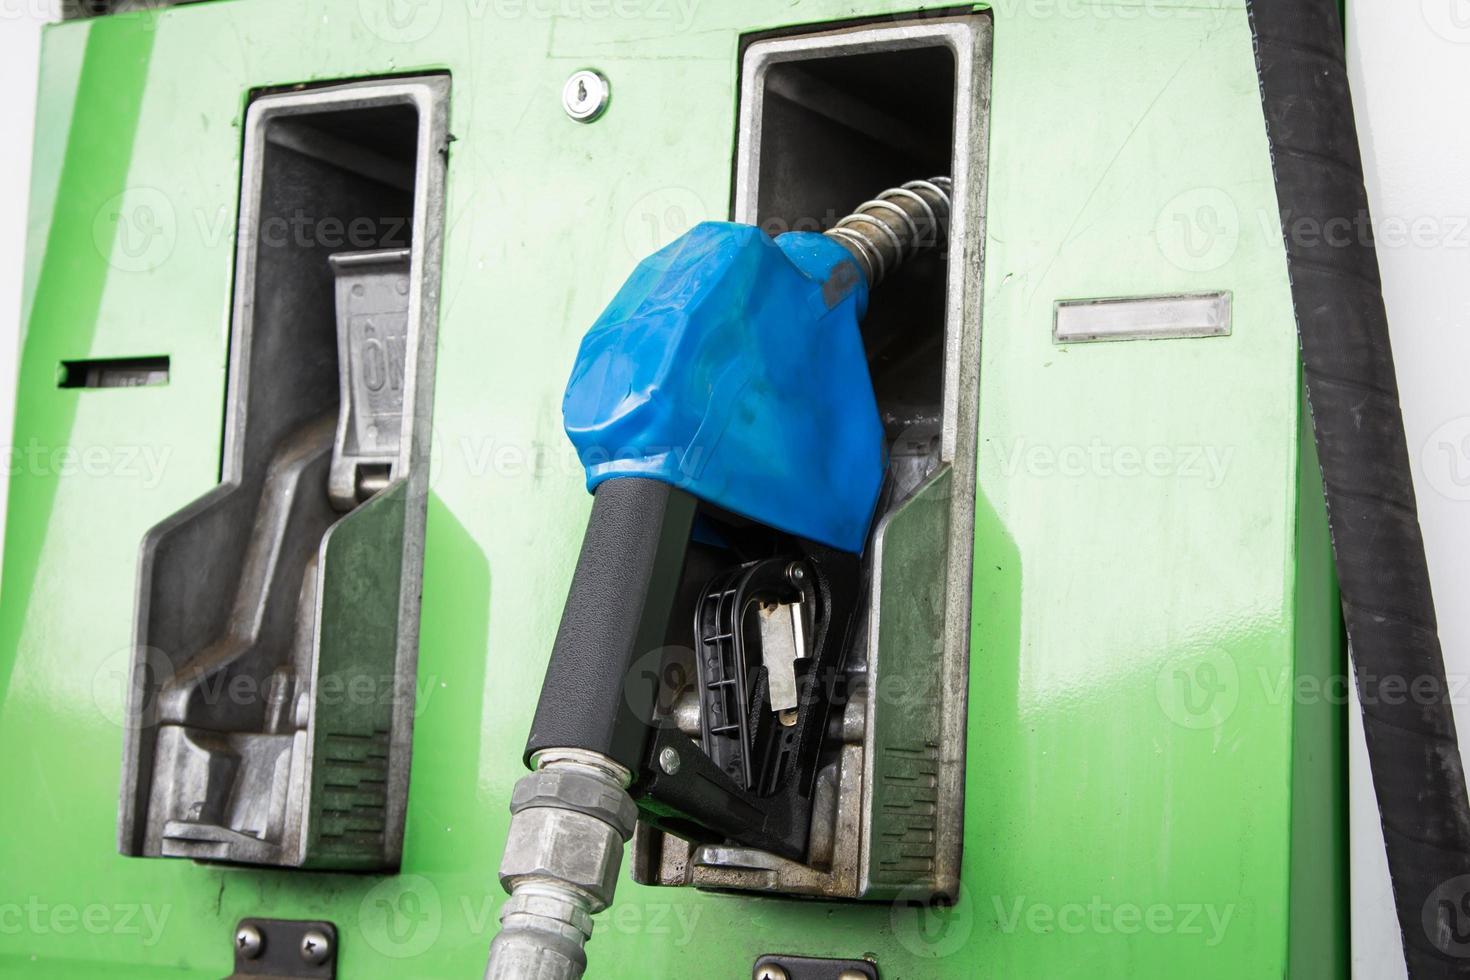 Gaspumpendüsen in der Tankstelle foto